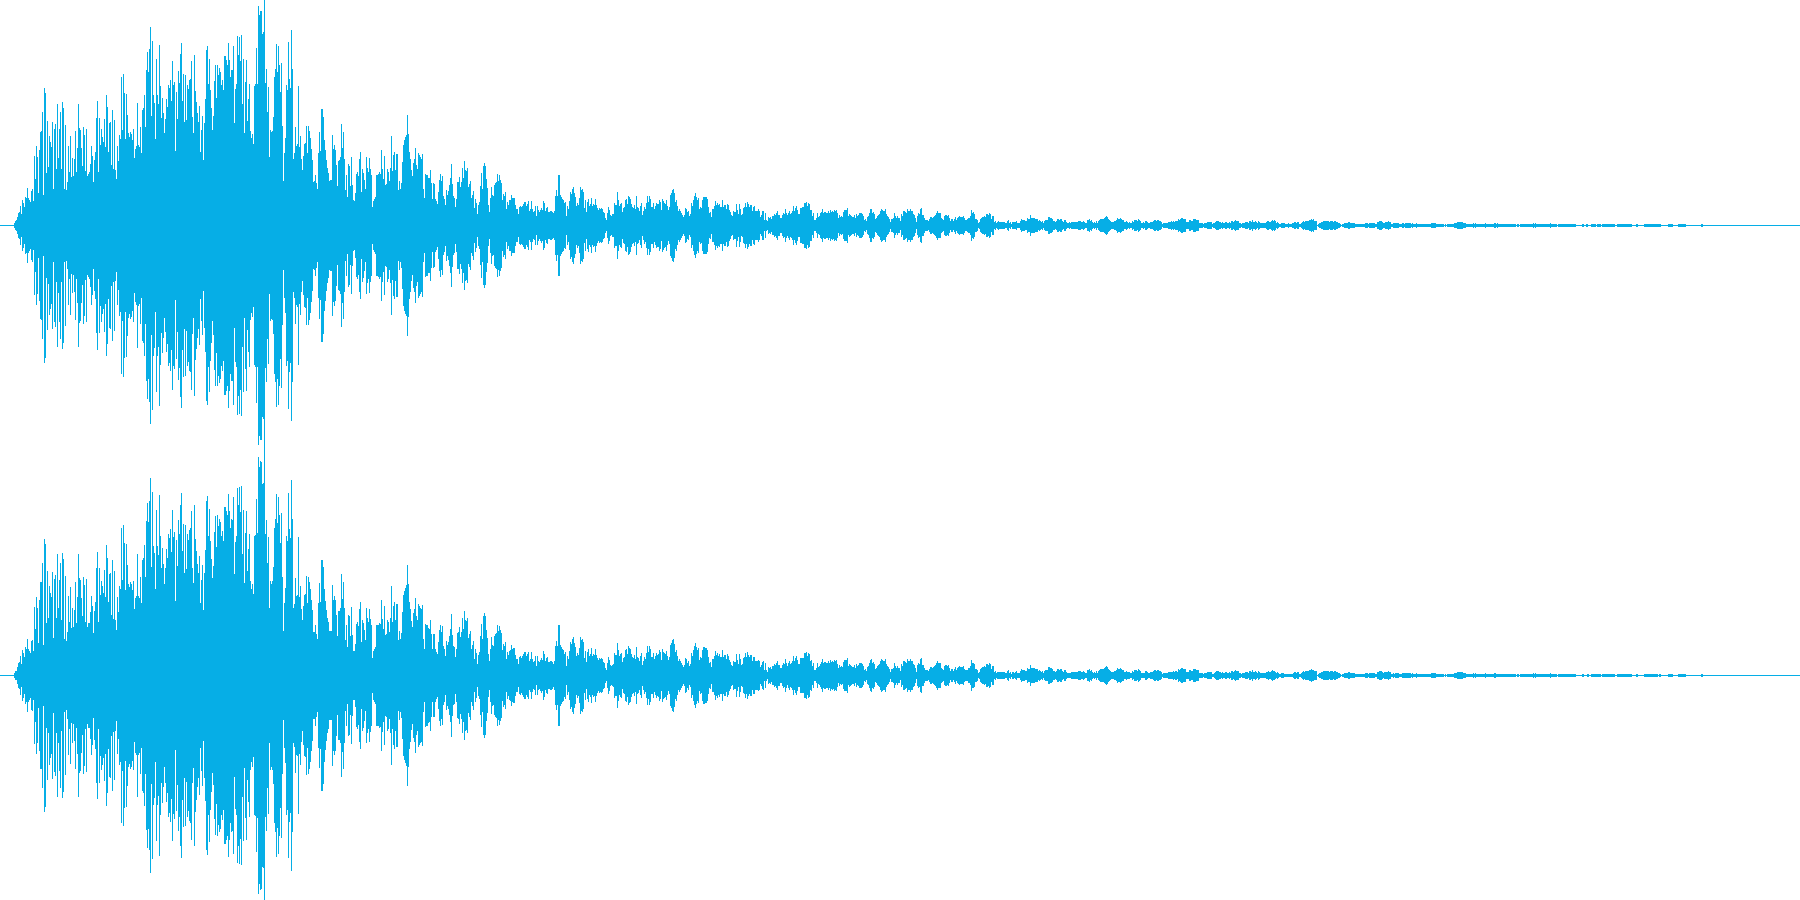 ワーオ1【セクシー、ギャグ】の再生済みの波形